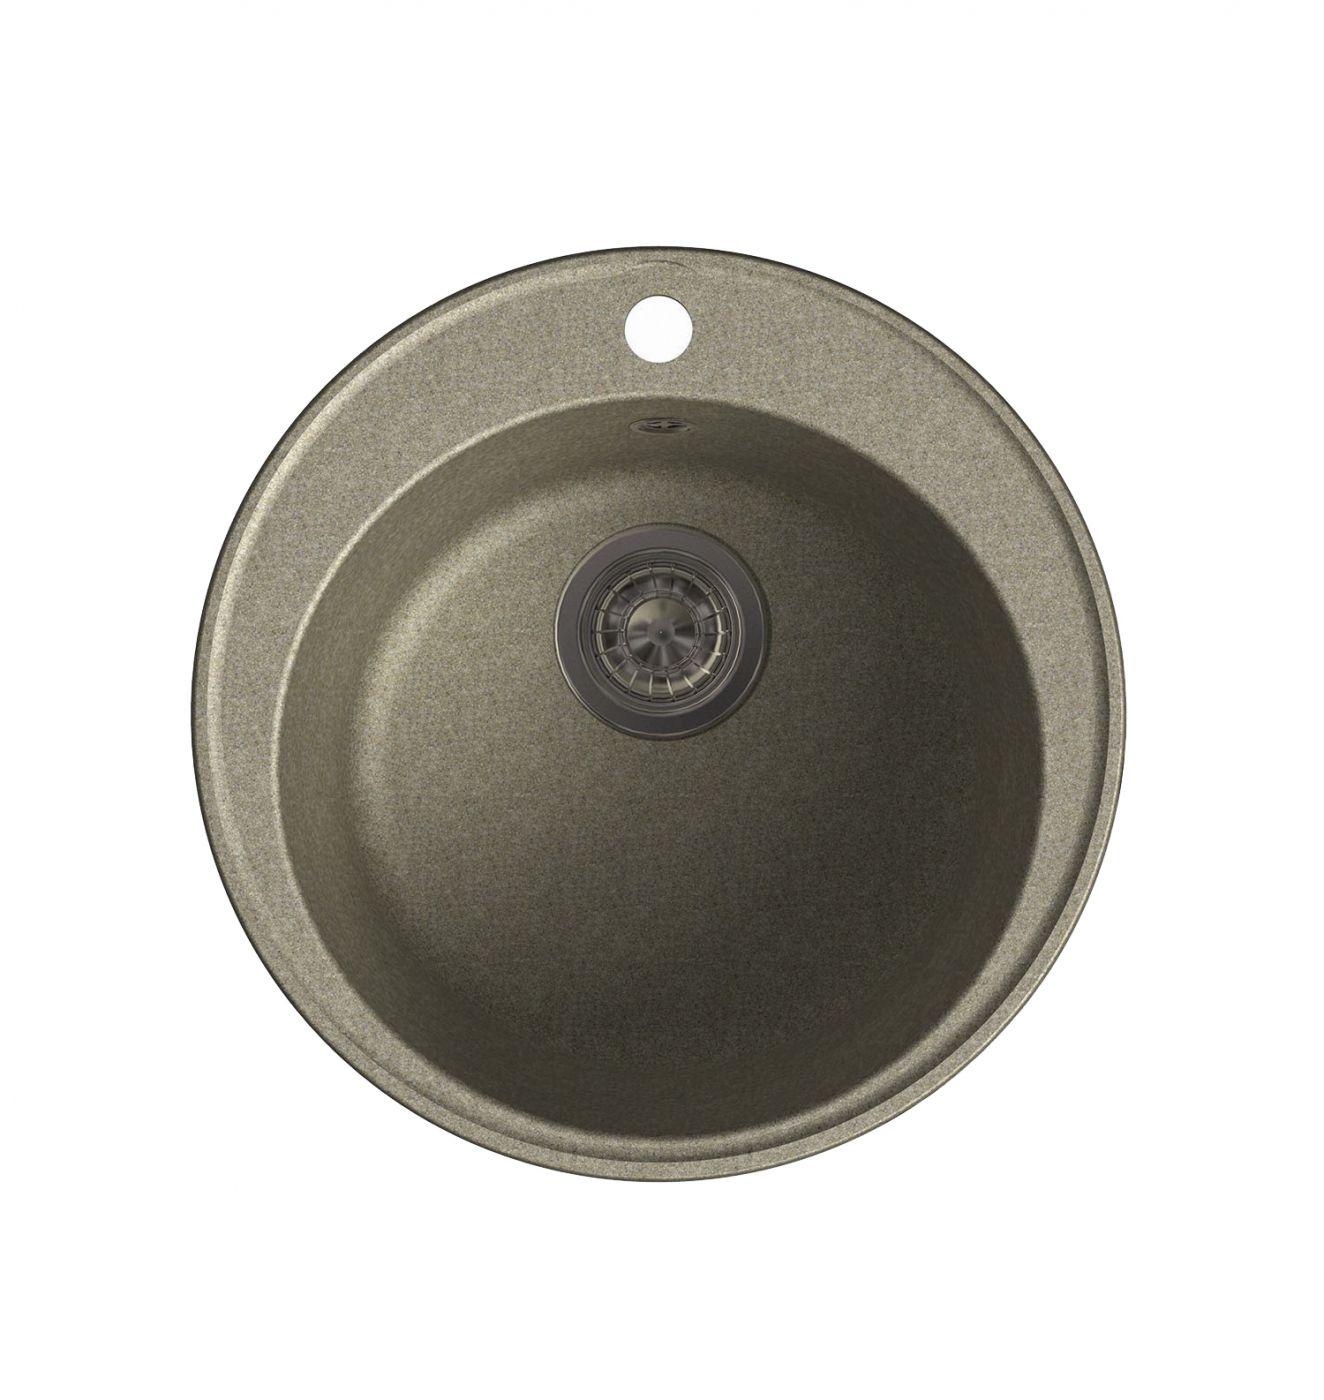 Врезная кухонная мойка LEX Lugano 480 Sand  48х48см полимер RULE000005